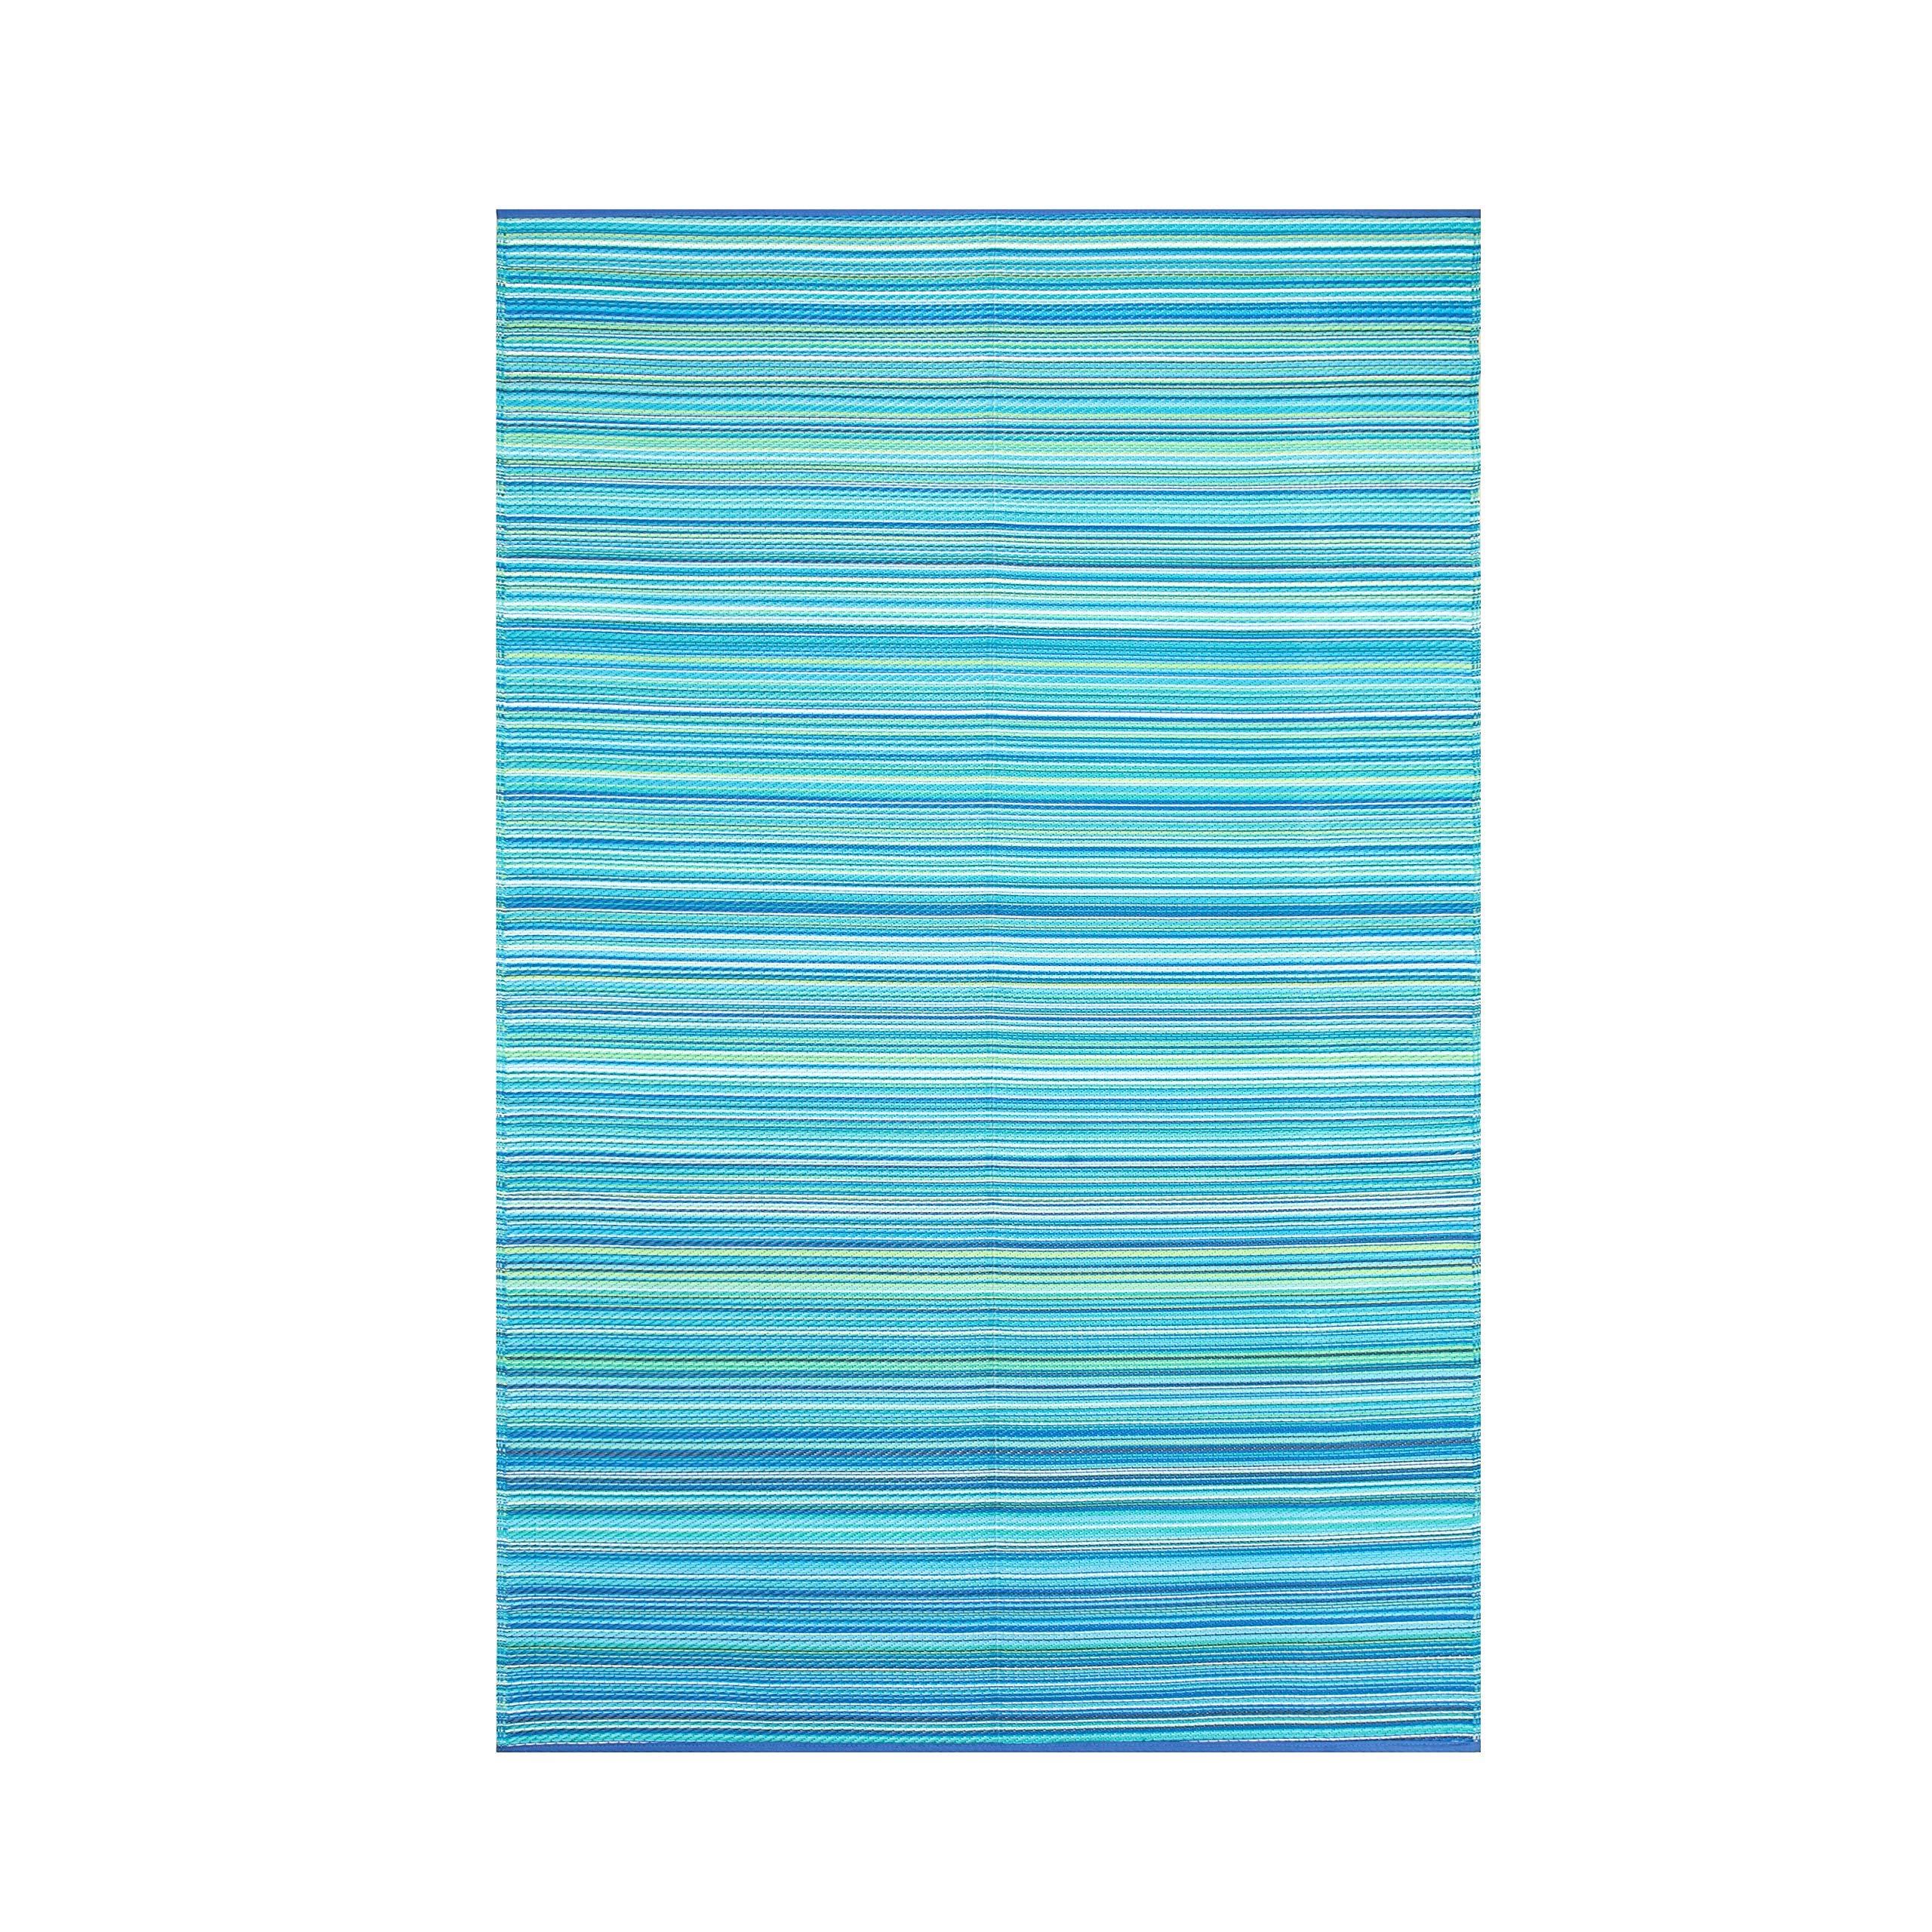 Smart Design SMM006 Indoor/Outdoor Rugs- (Blue,6x9)